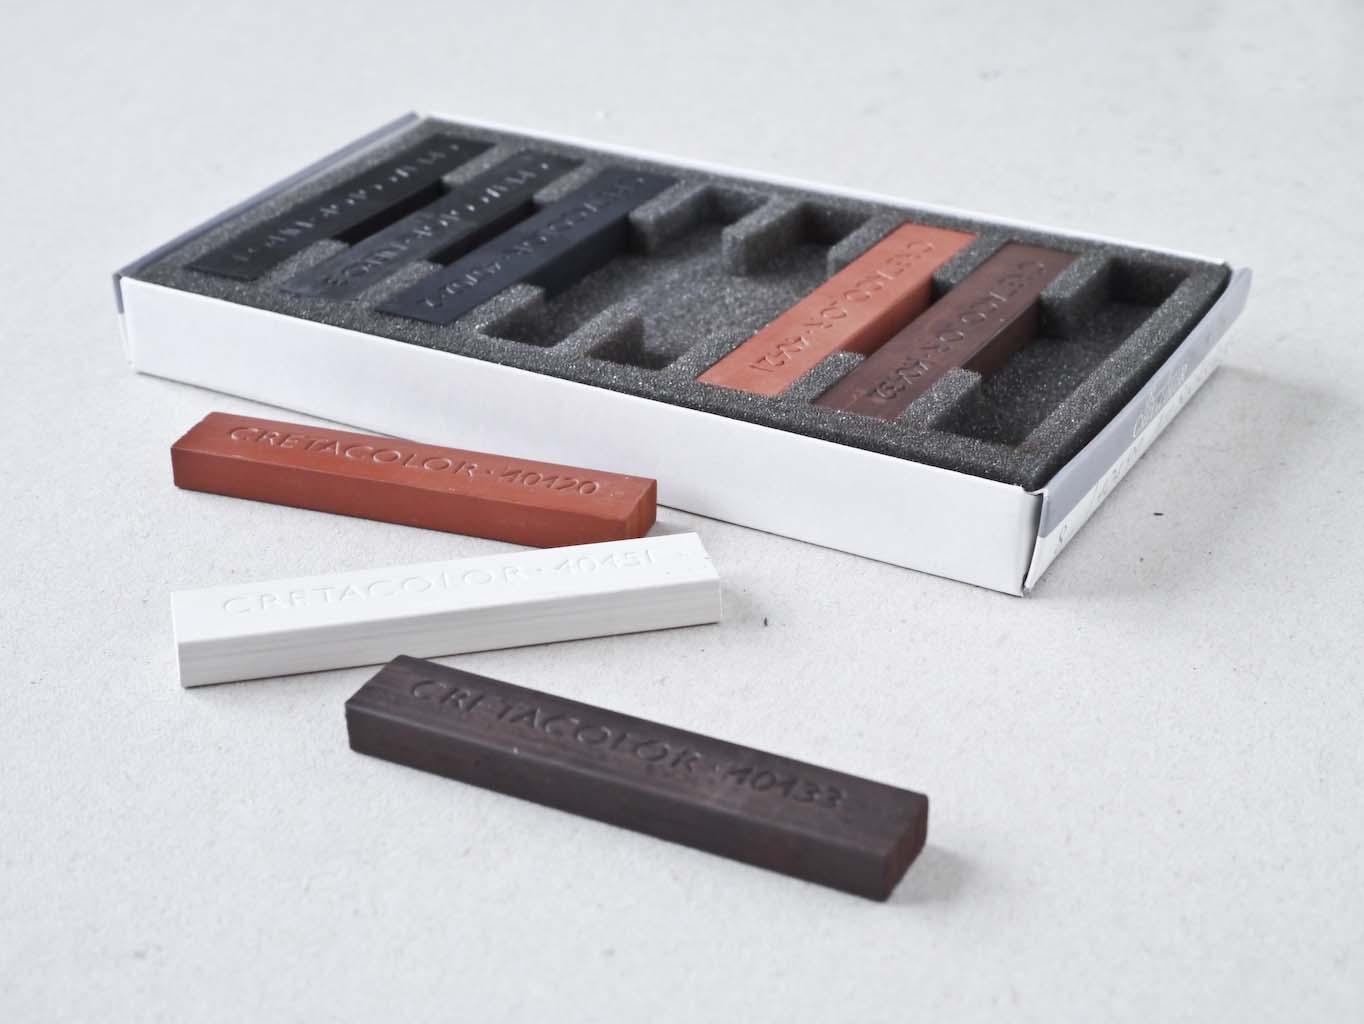 Cretacolor Brede Art Sticks